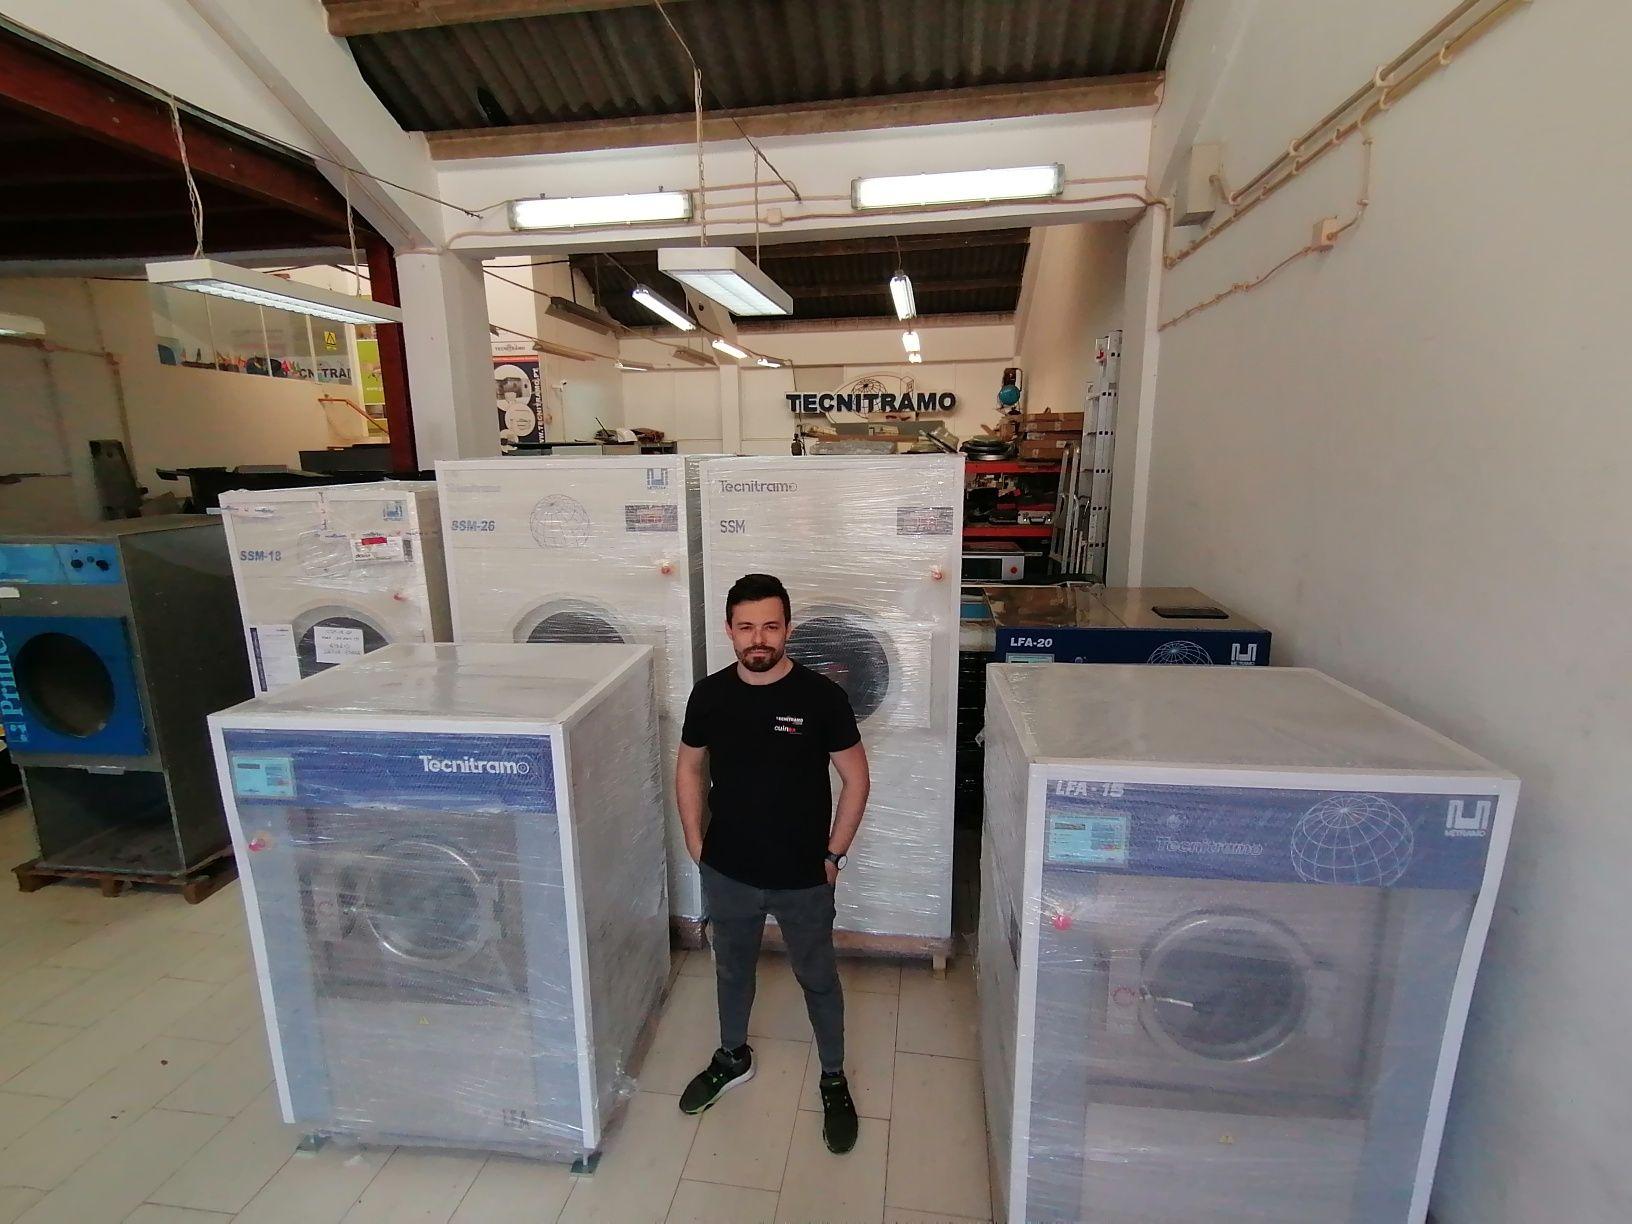 Tecnitramo Portugal lavandaria industriais e self service